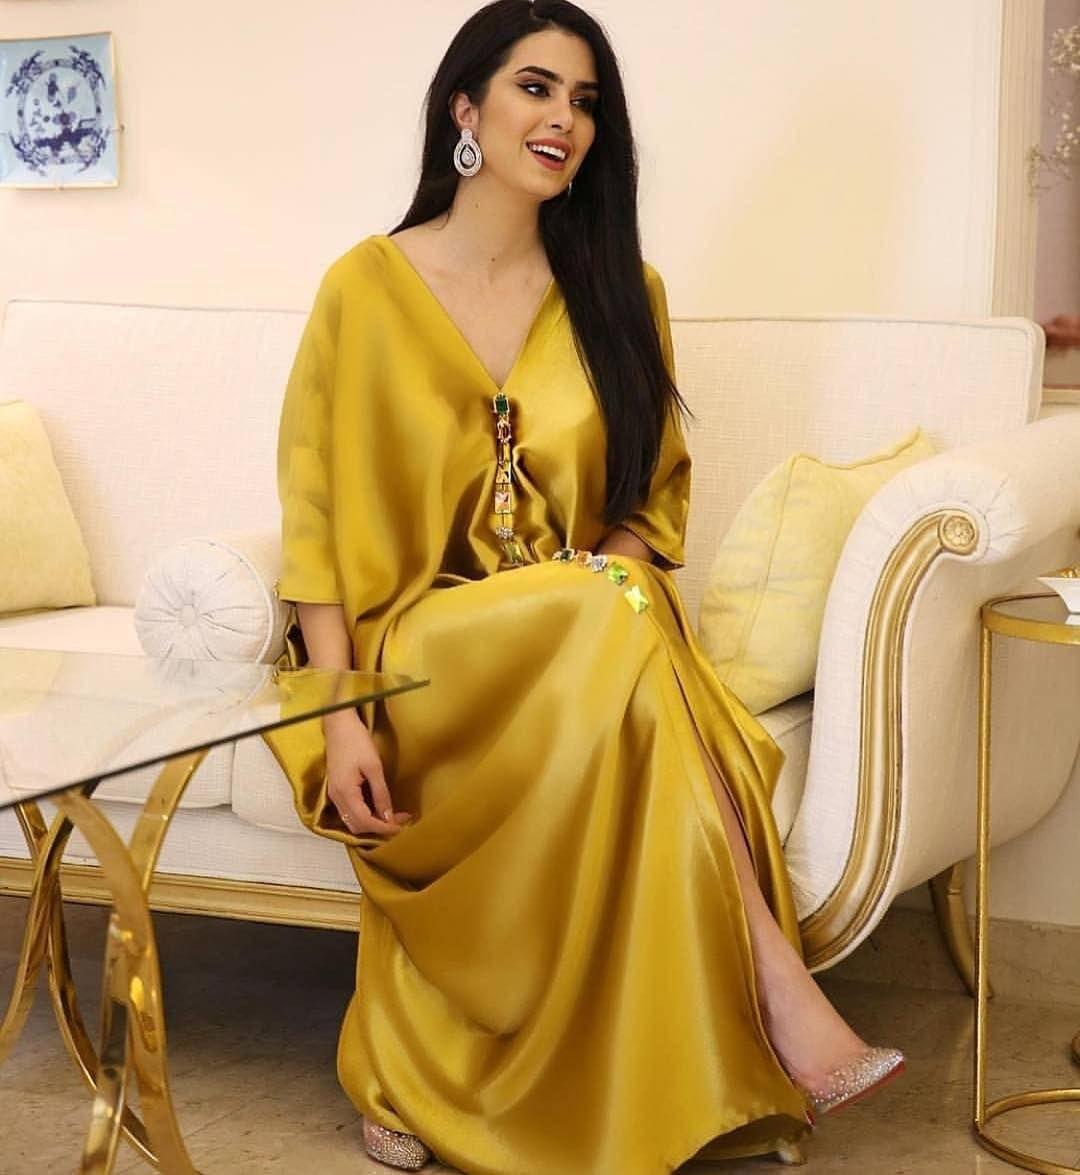 برنسيسة للازياء المغربية On Instagram بنات شو تسمون اللون